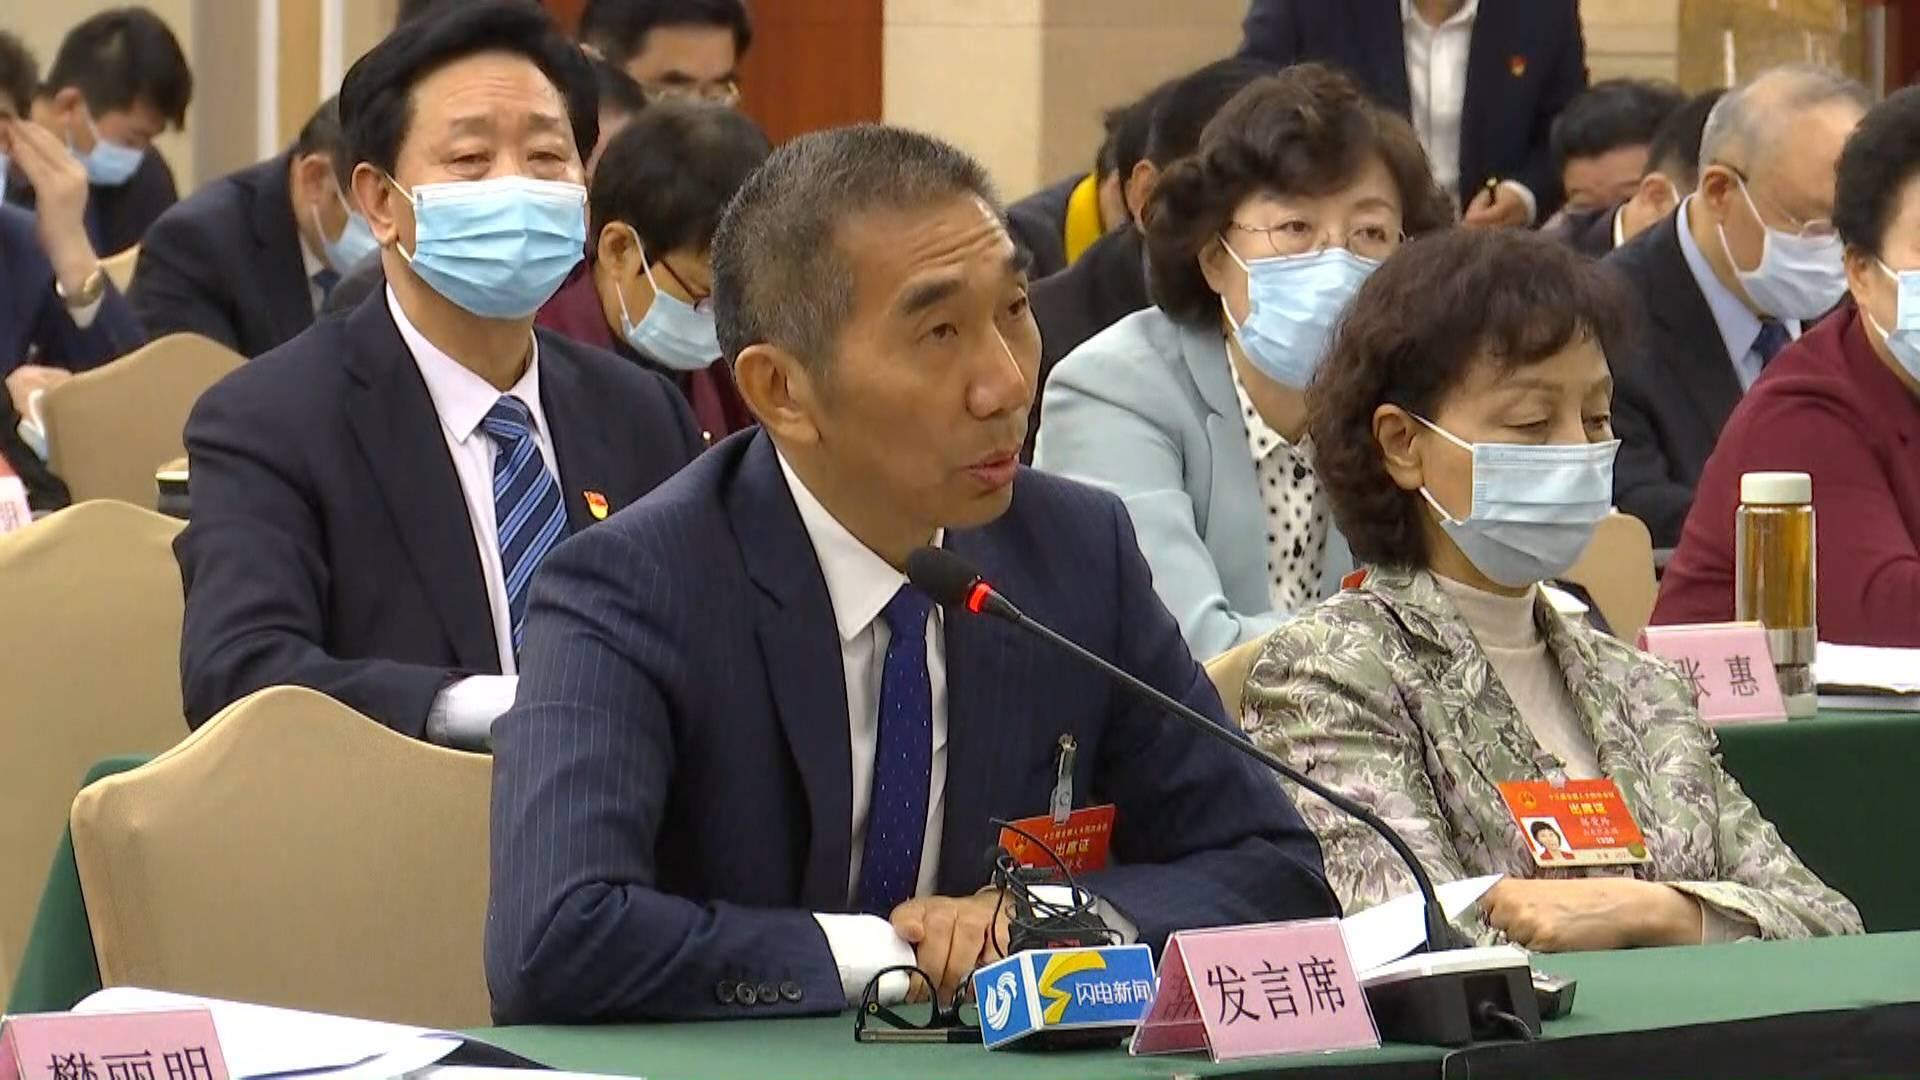 全国人大代表刘修文:地区生产总值全国第3世界第17 为山东的发展和进步自豪